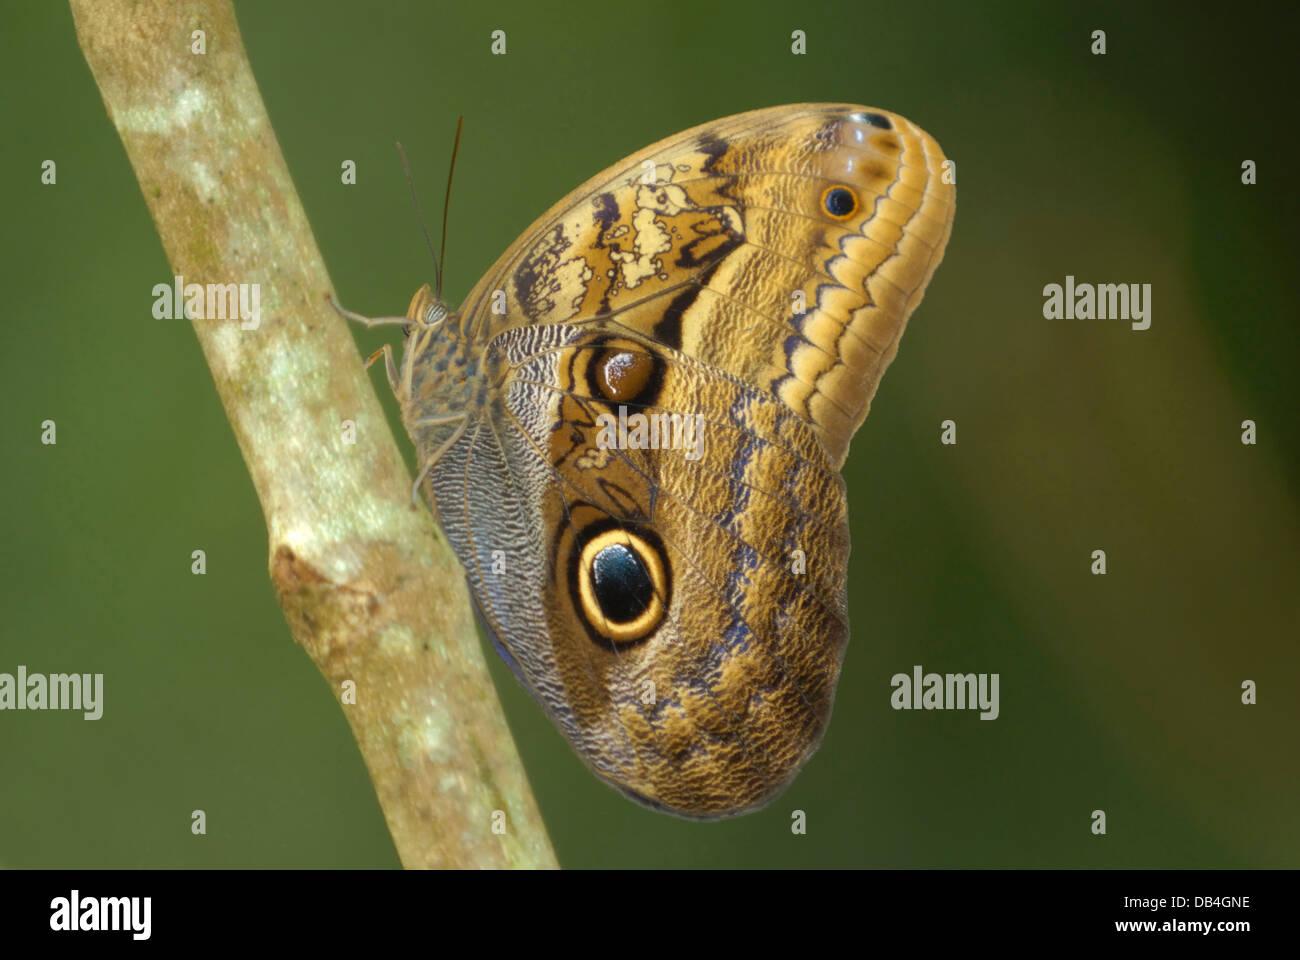 Dusky gigante farfalla Civetta (Caligo illionius) in Costa Rica foresta pluviale Immagini Stock